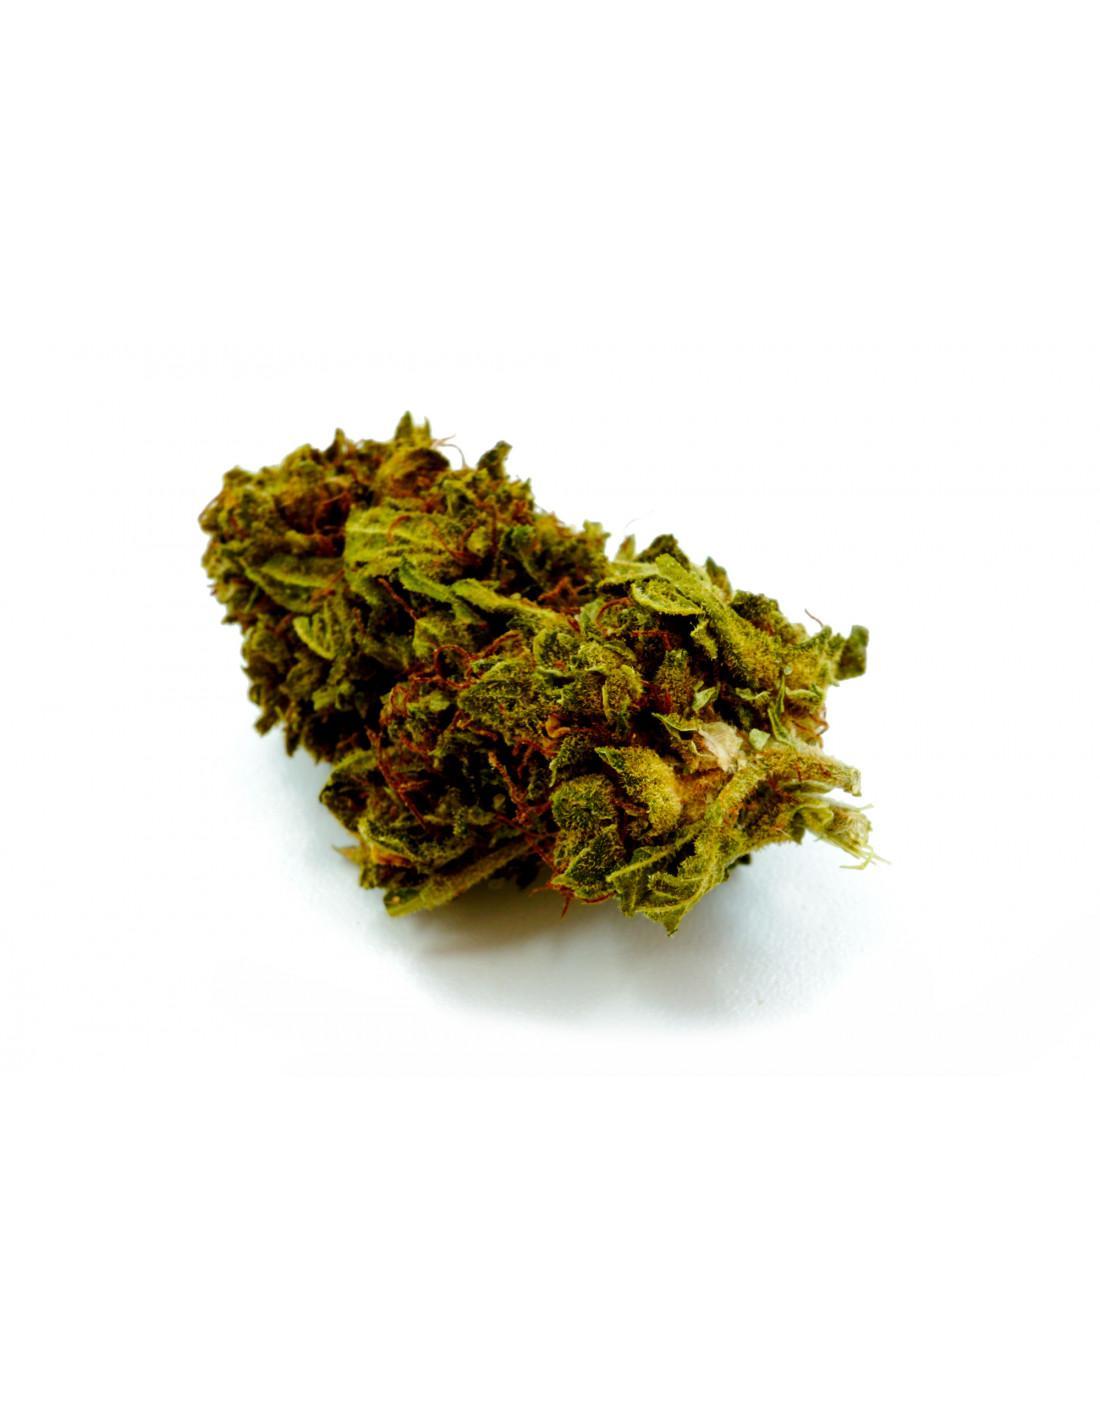 Chocolope kush greenhouse cbd infusion